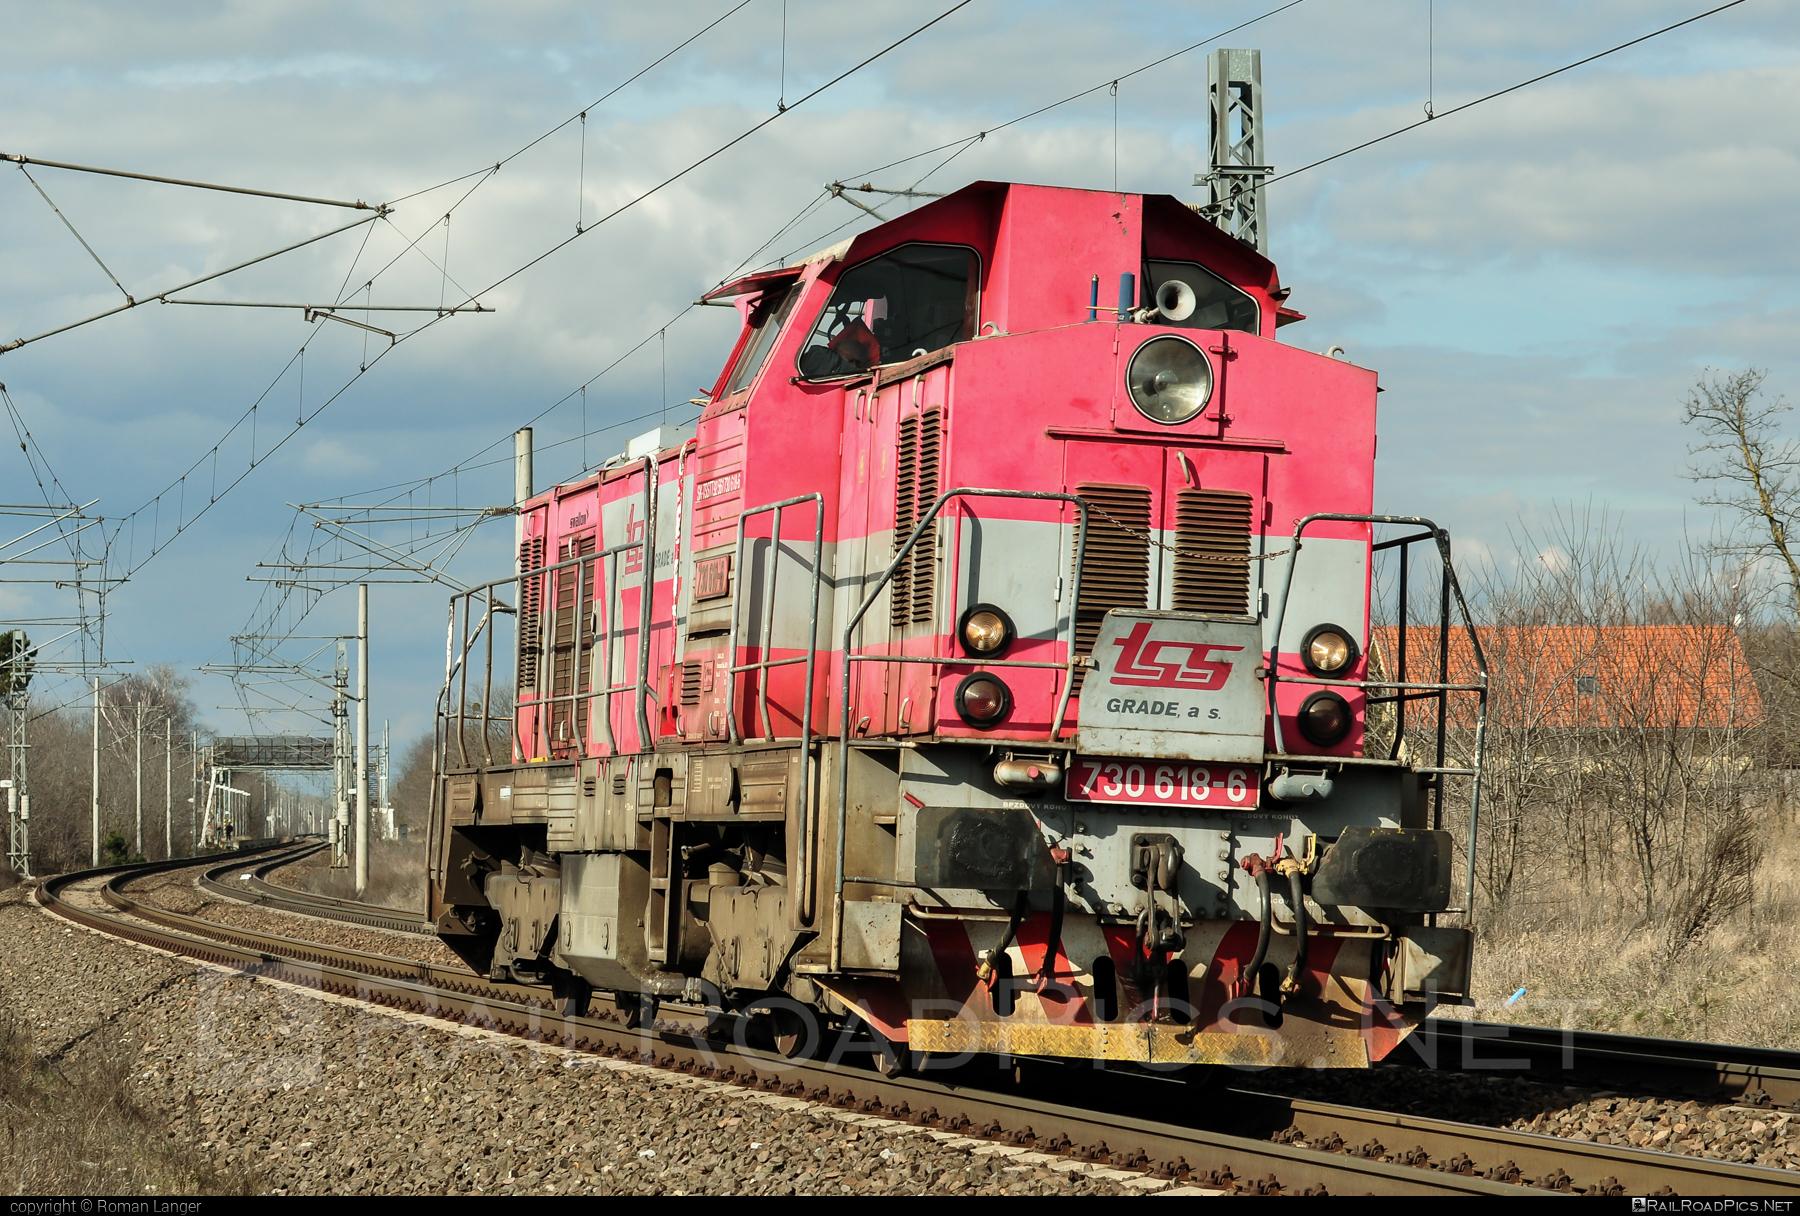 ČKD T 457 (730) - 730 618-6 operated by TSS GRADE, a.s. #ckd #ckd457 #ckd730 #ckdt457 #ponorka #tss #tssgrade